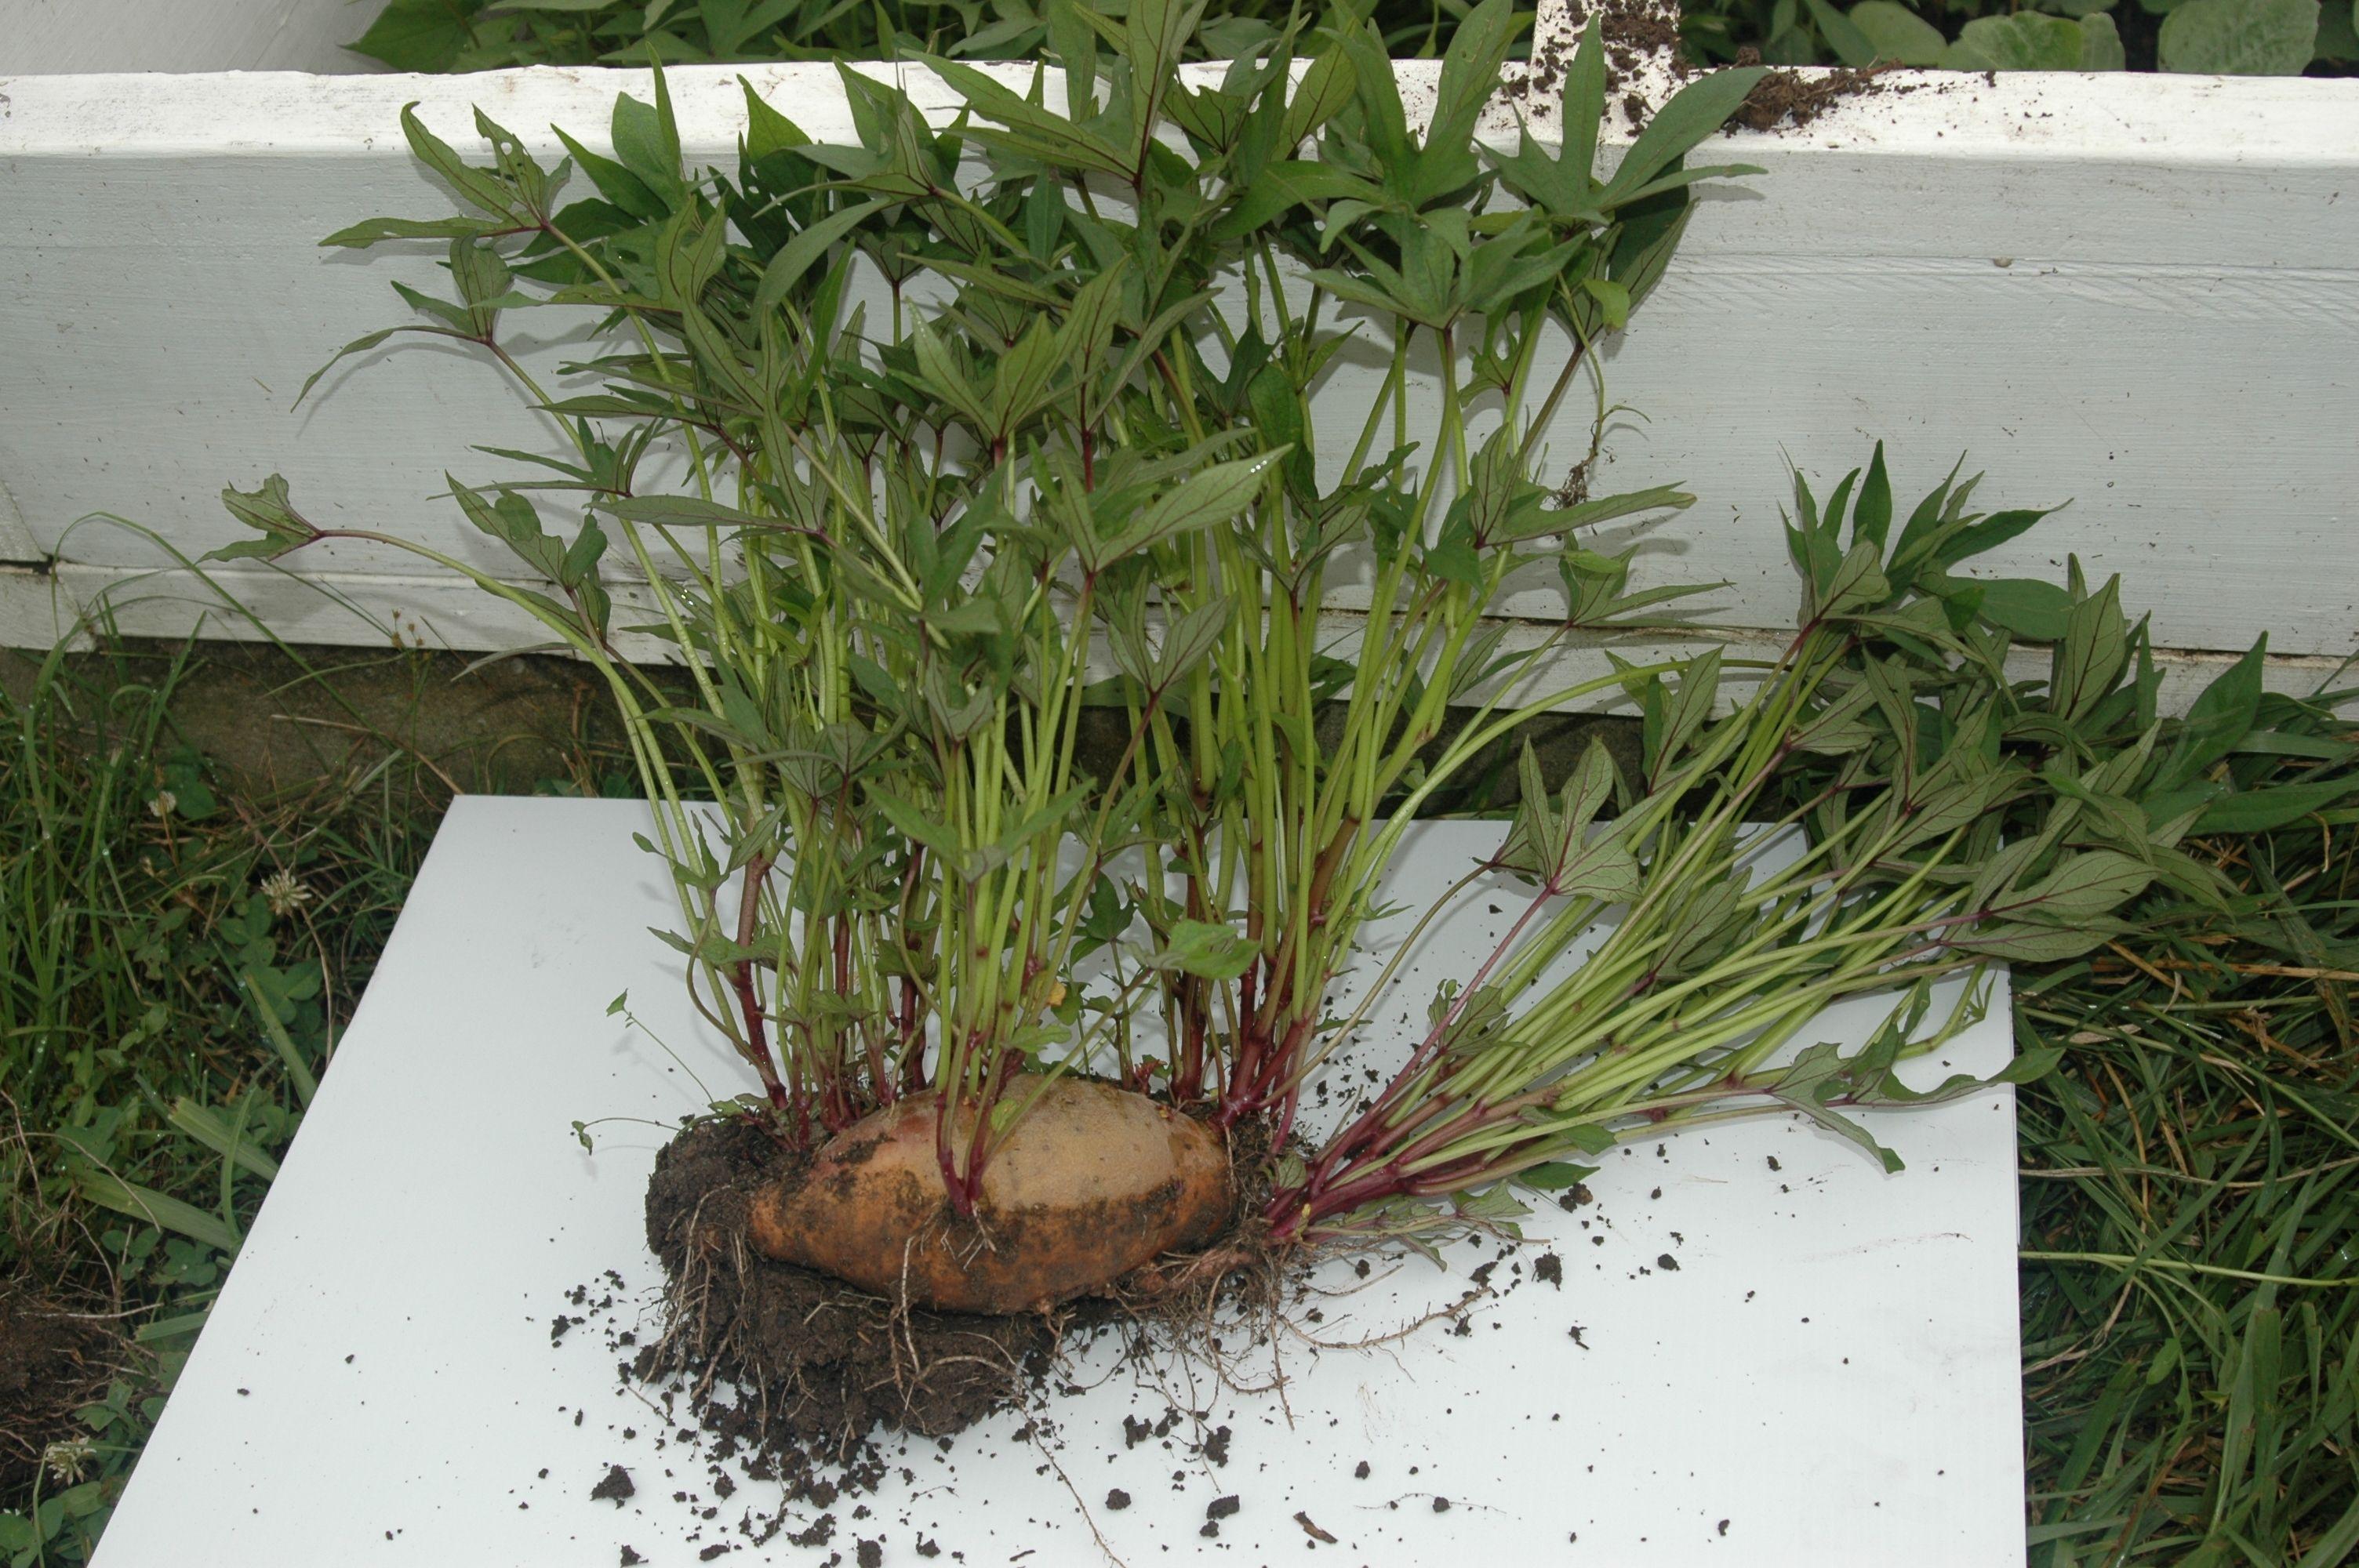 Grow your own sweet potato slips sweet potato plant